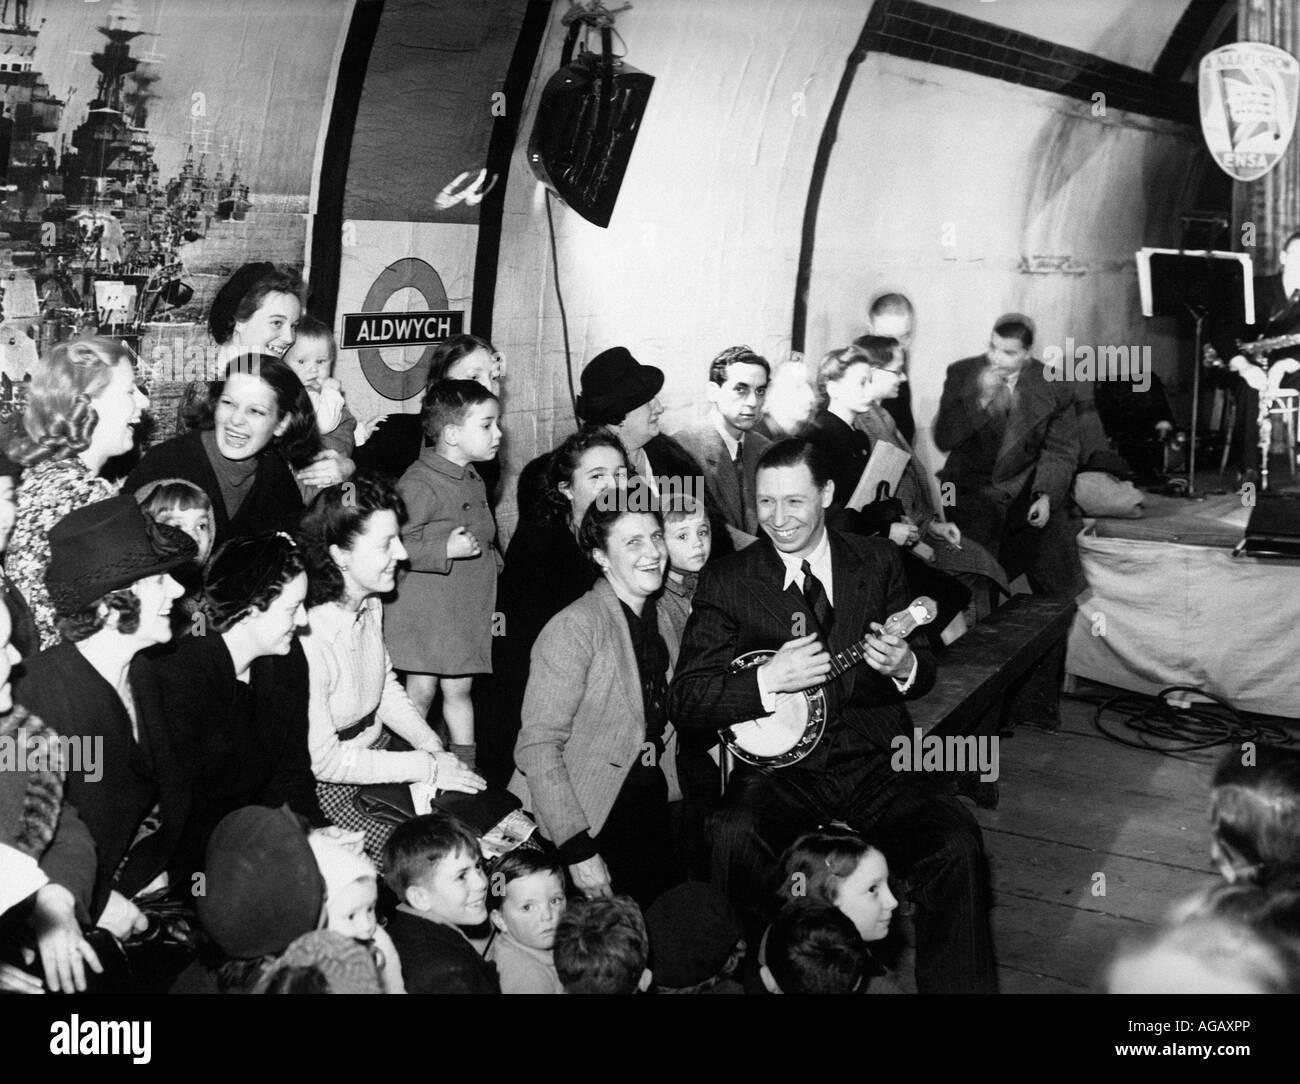 GEORGE FORMBY UK music-hall artiste divertit les londoniens à l'abri des bombardements allemands en 1940 Photo Stock